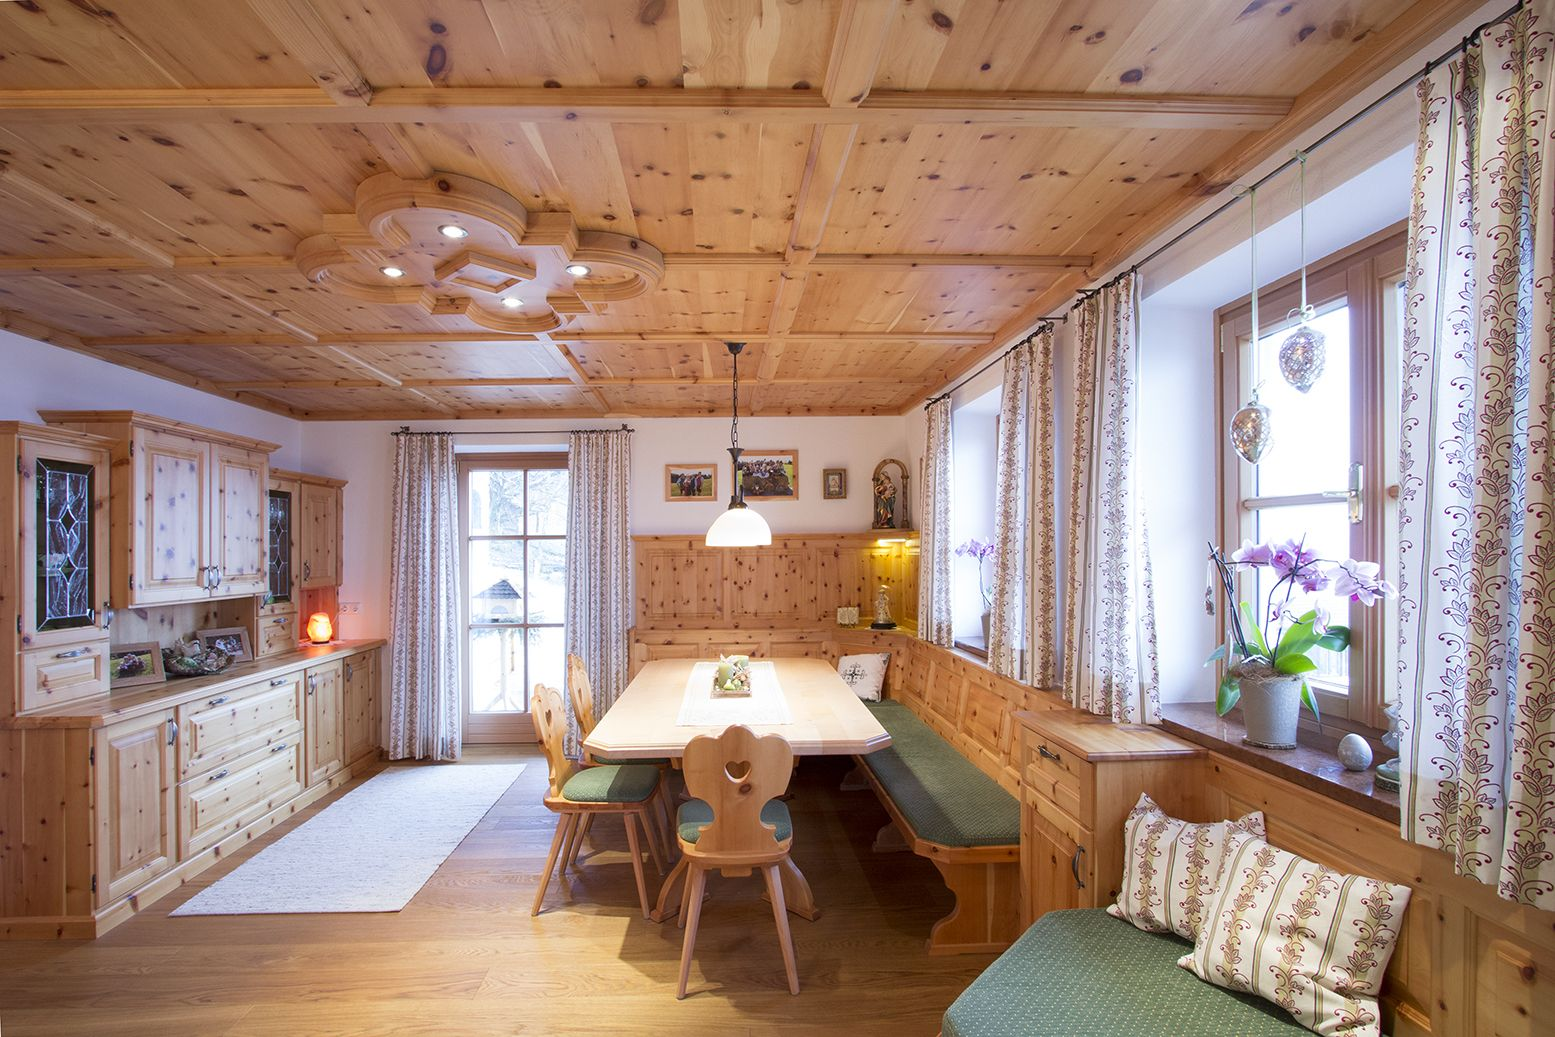 Good Zirbenstube im Landhaus Stil Mit Schrank und Liege aus Zirbenholz Esstisch gefertigt in